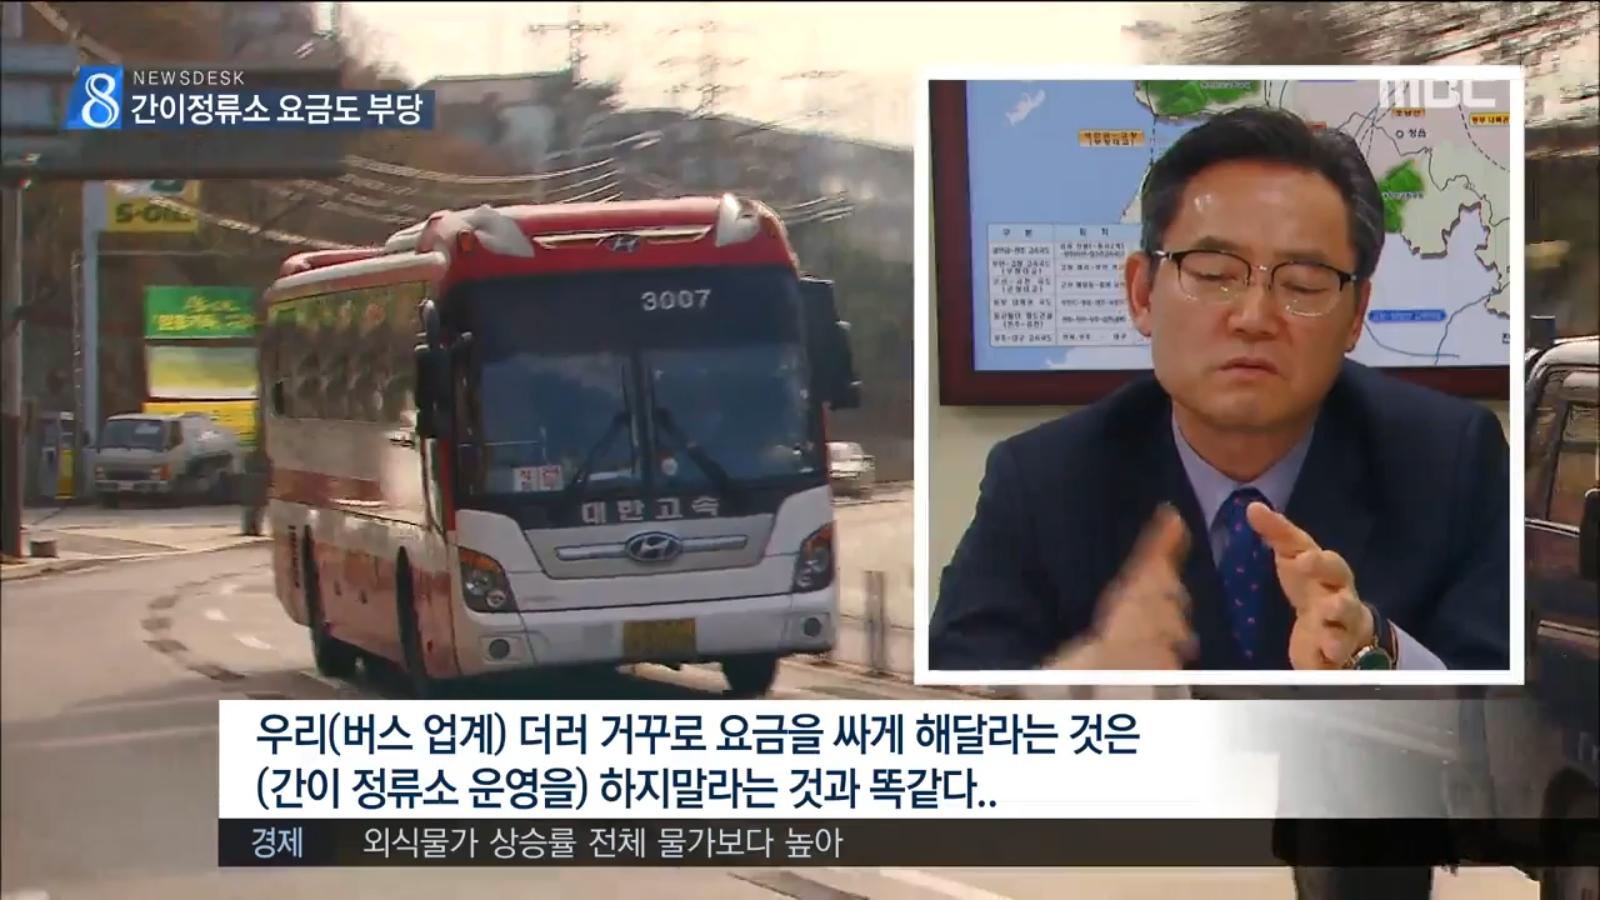 [18.1.4 전주MBC] 송하진 전북지사, 시외버스 요금 기준 위반에도 도민권리 보다 버스업체 편들어3.jpg